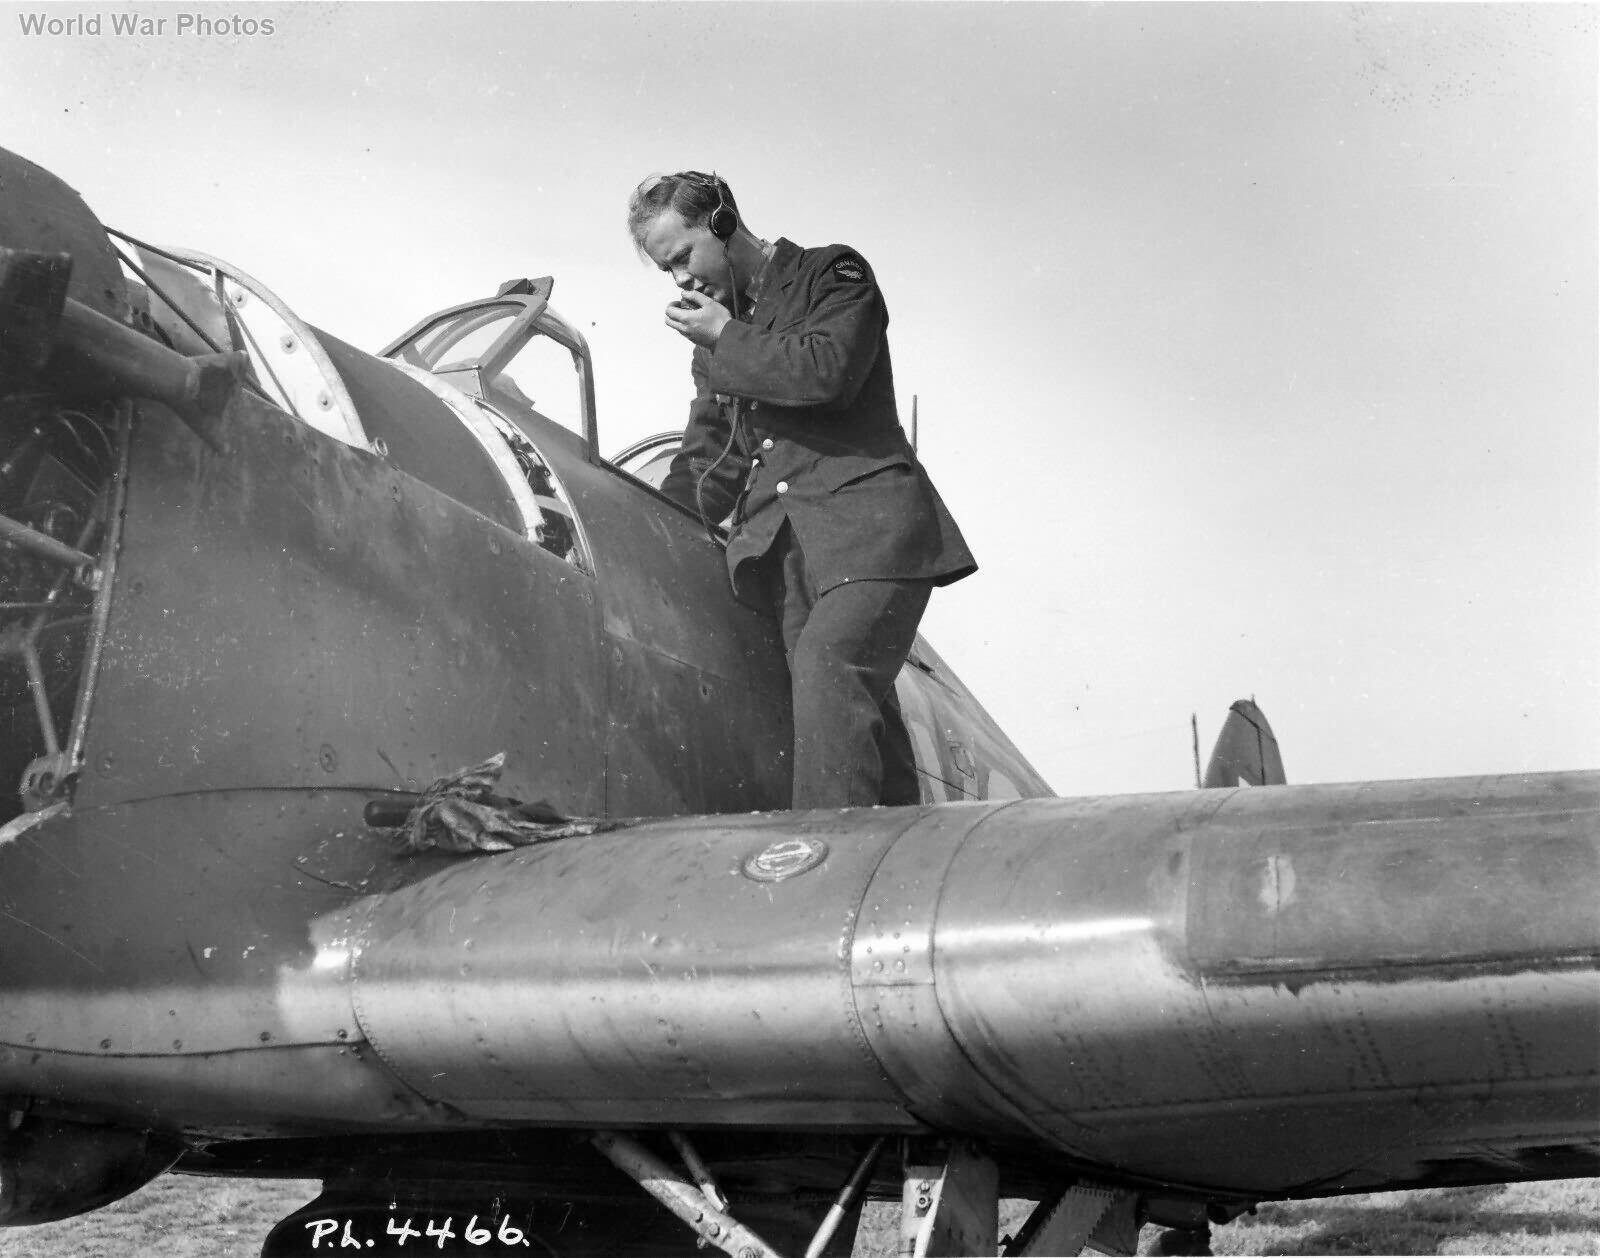 Hurricane IIb 401 Squadron RCAF